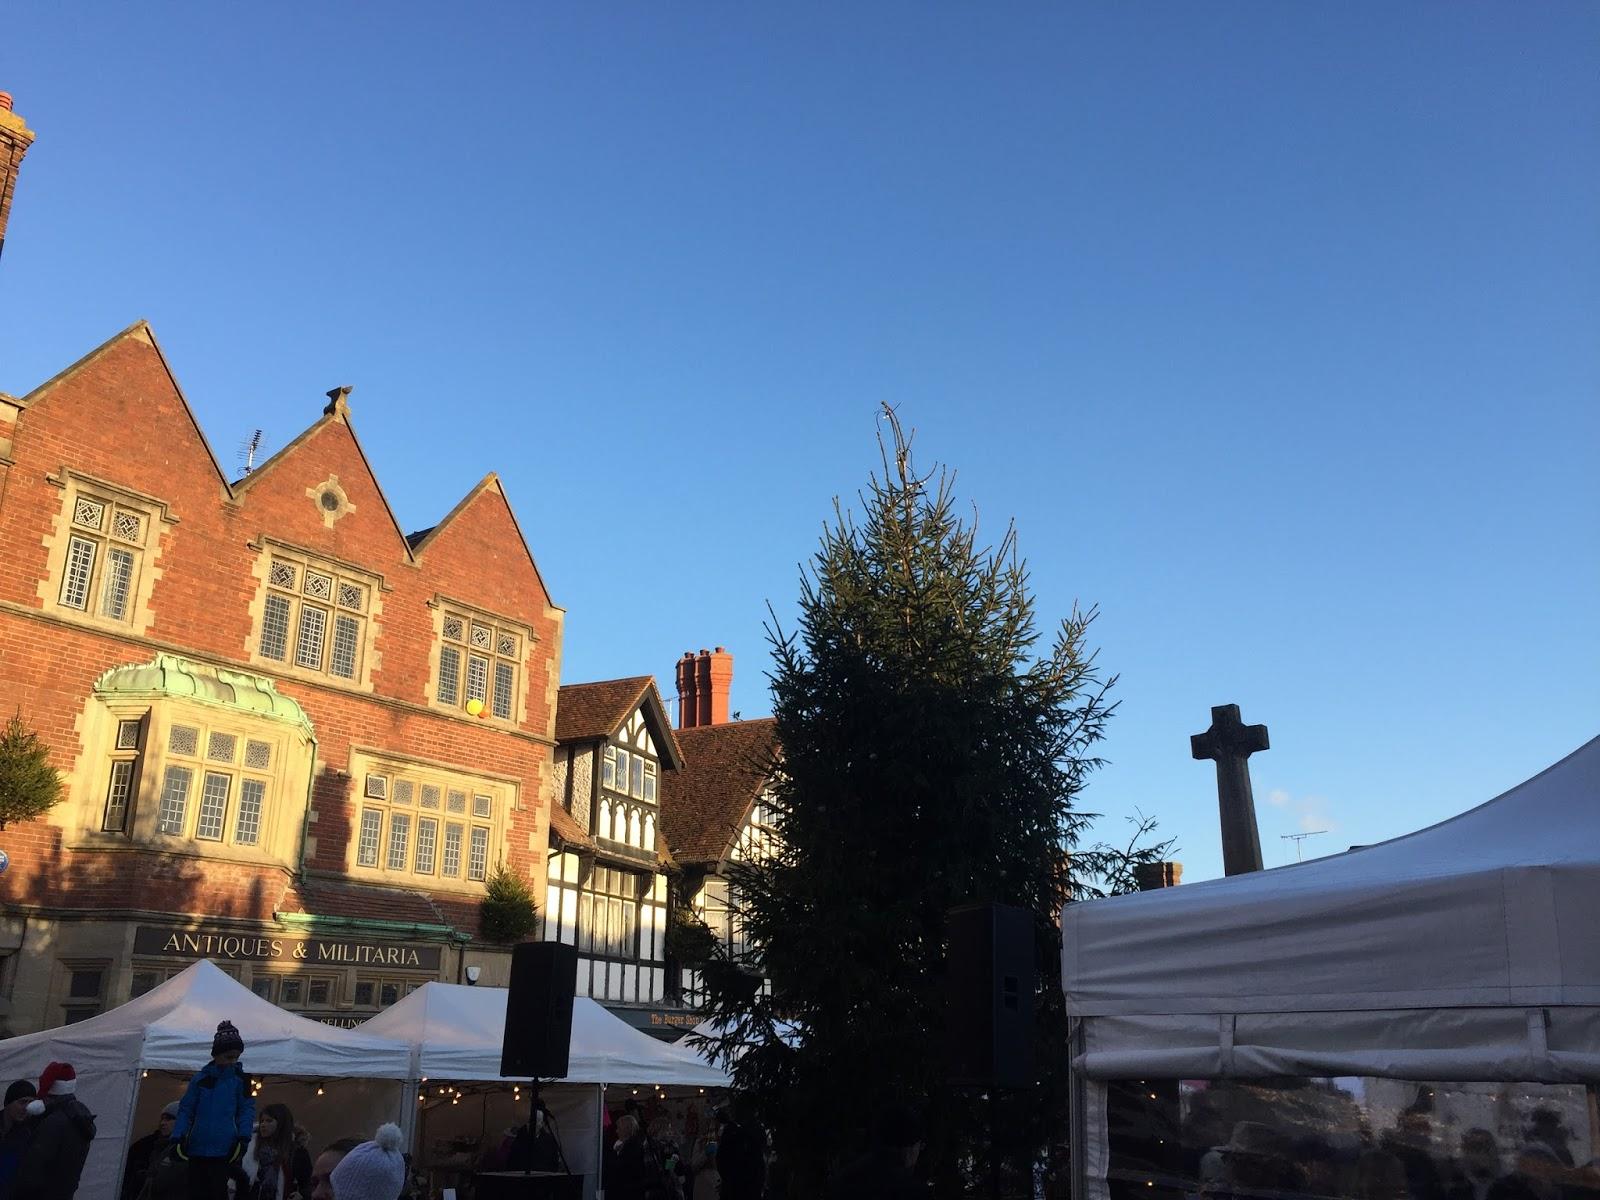 Arundel Christmas Market 2016